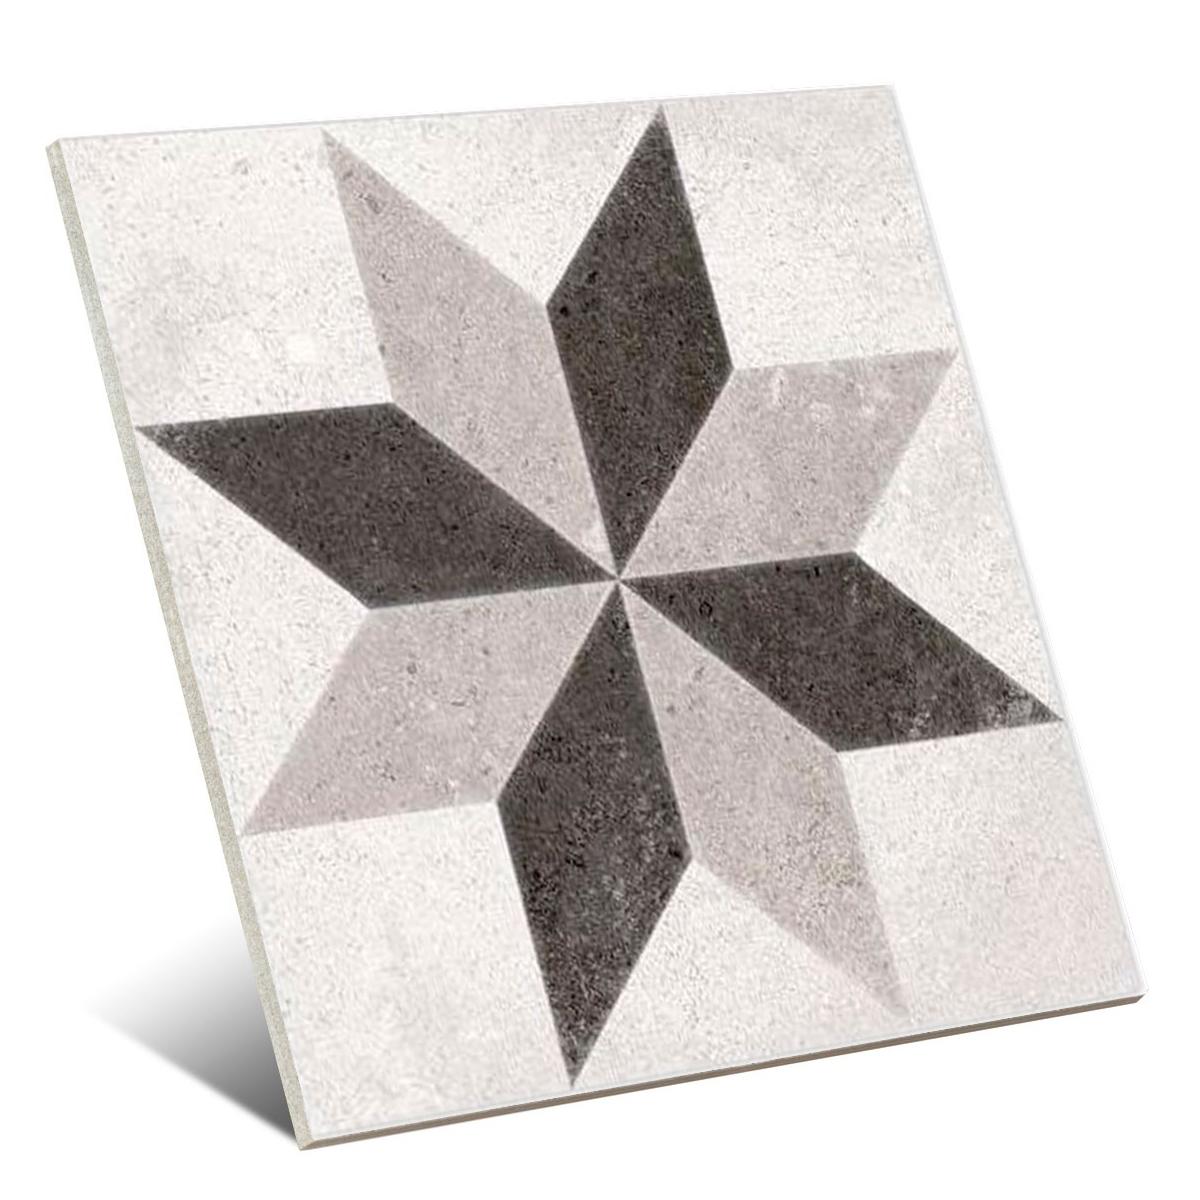 Taito Blanco 20x20 (m2) - Colección Nassau de Vives - Marca Vives